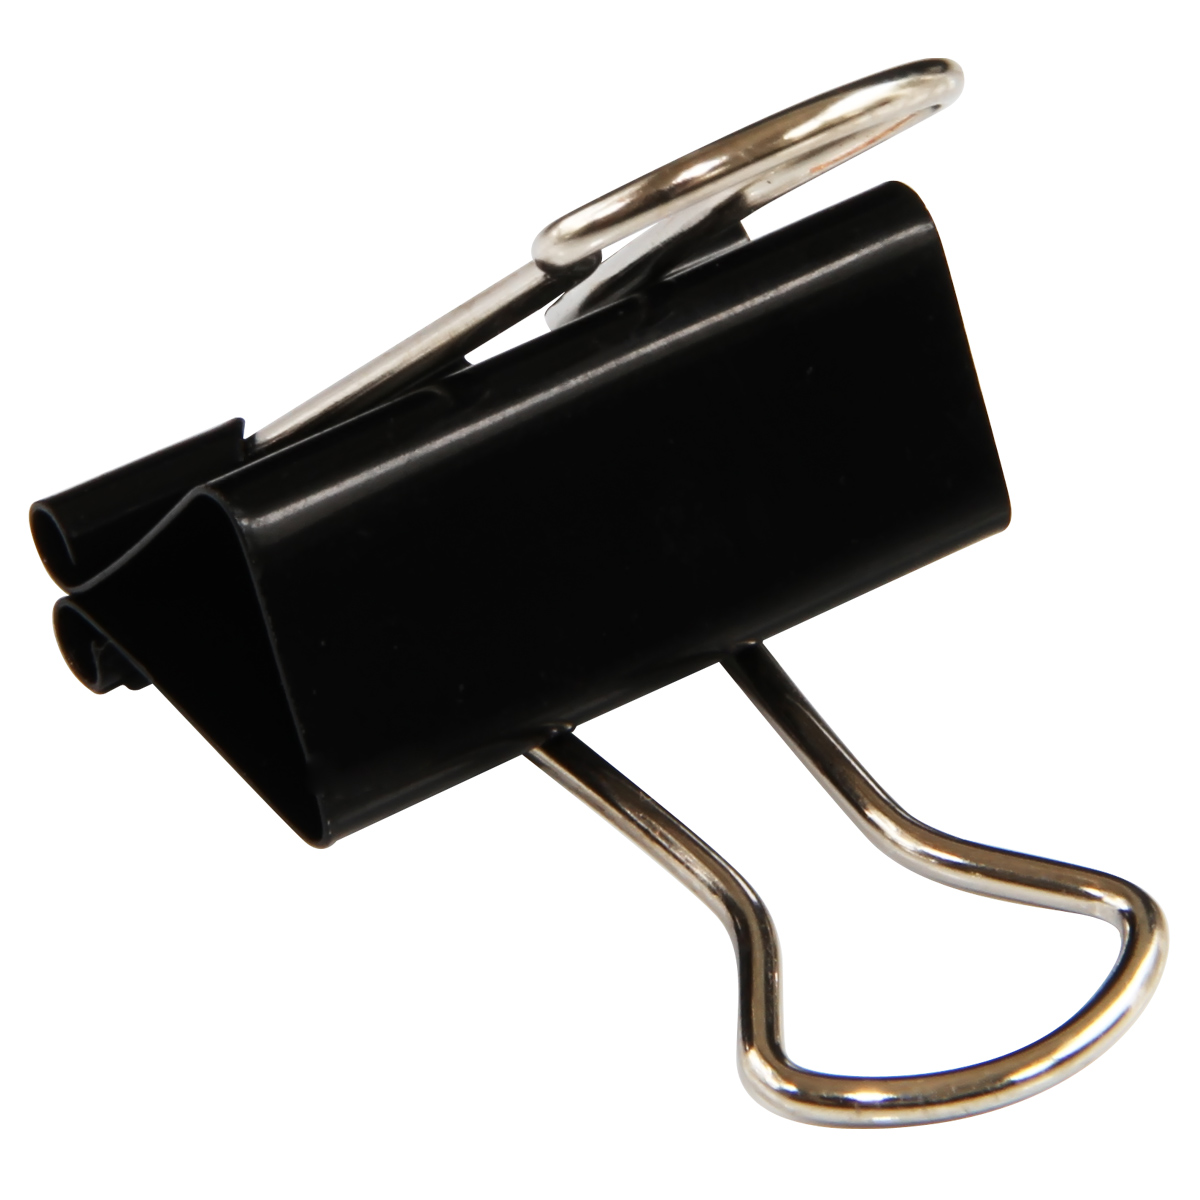 得力(deli)8562 41mm黑色长尾夹/票据夹/燕尾夹/铁夹子 24只/筒